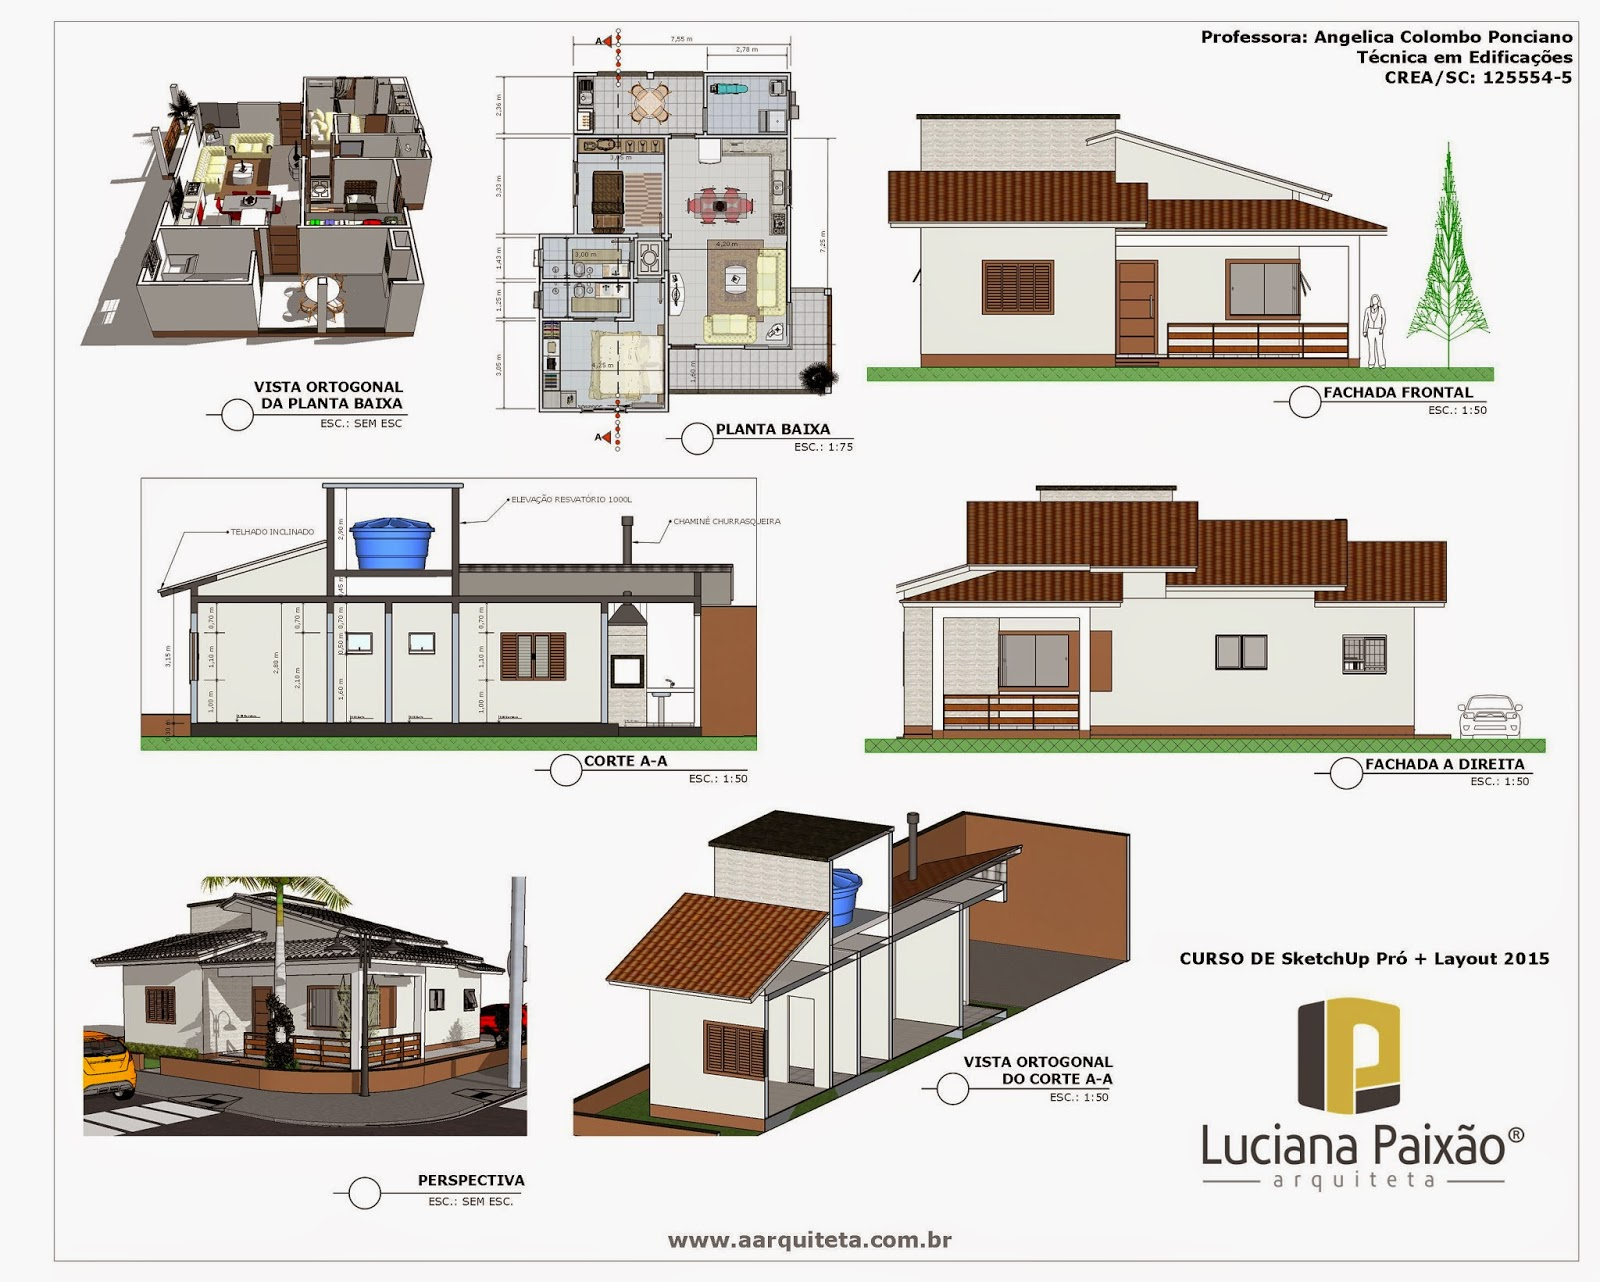 Angelica colombo ponciano curso de layout do sketchup for Layout casas modernas